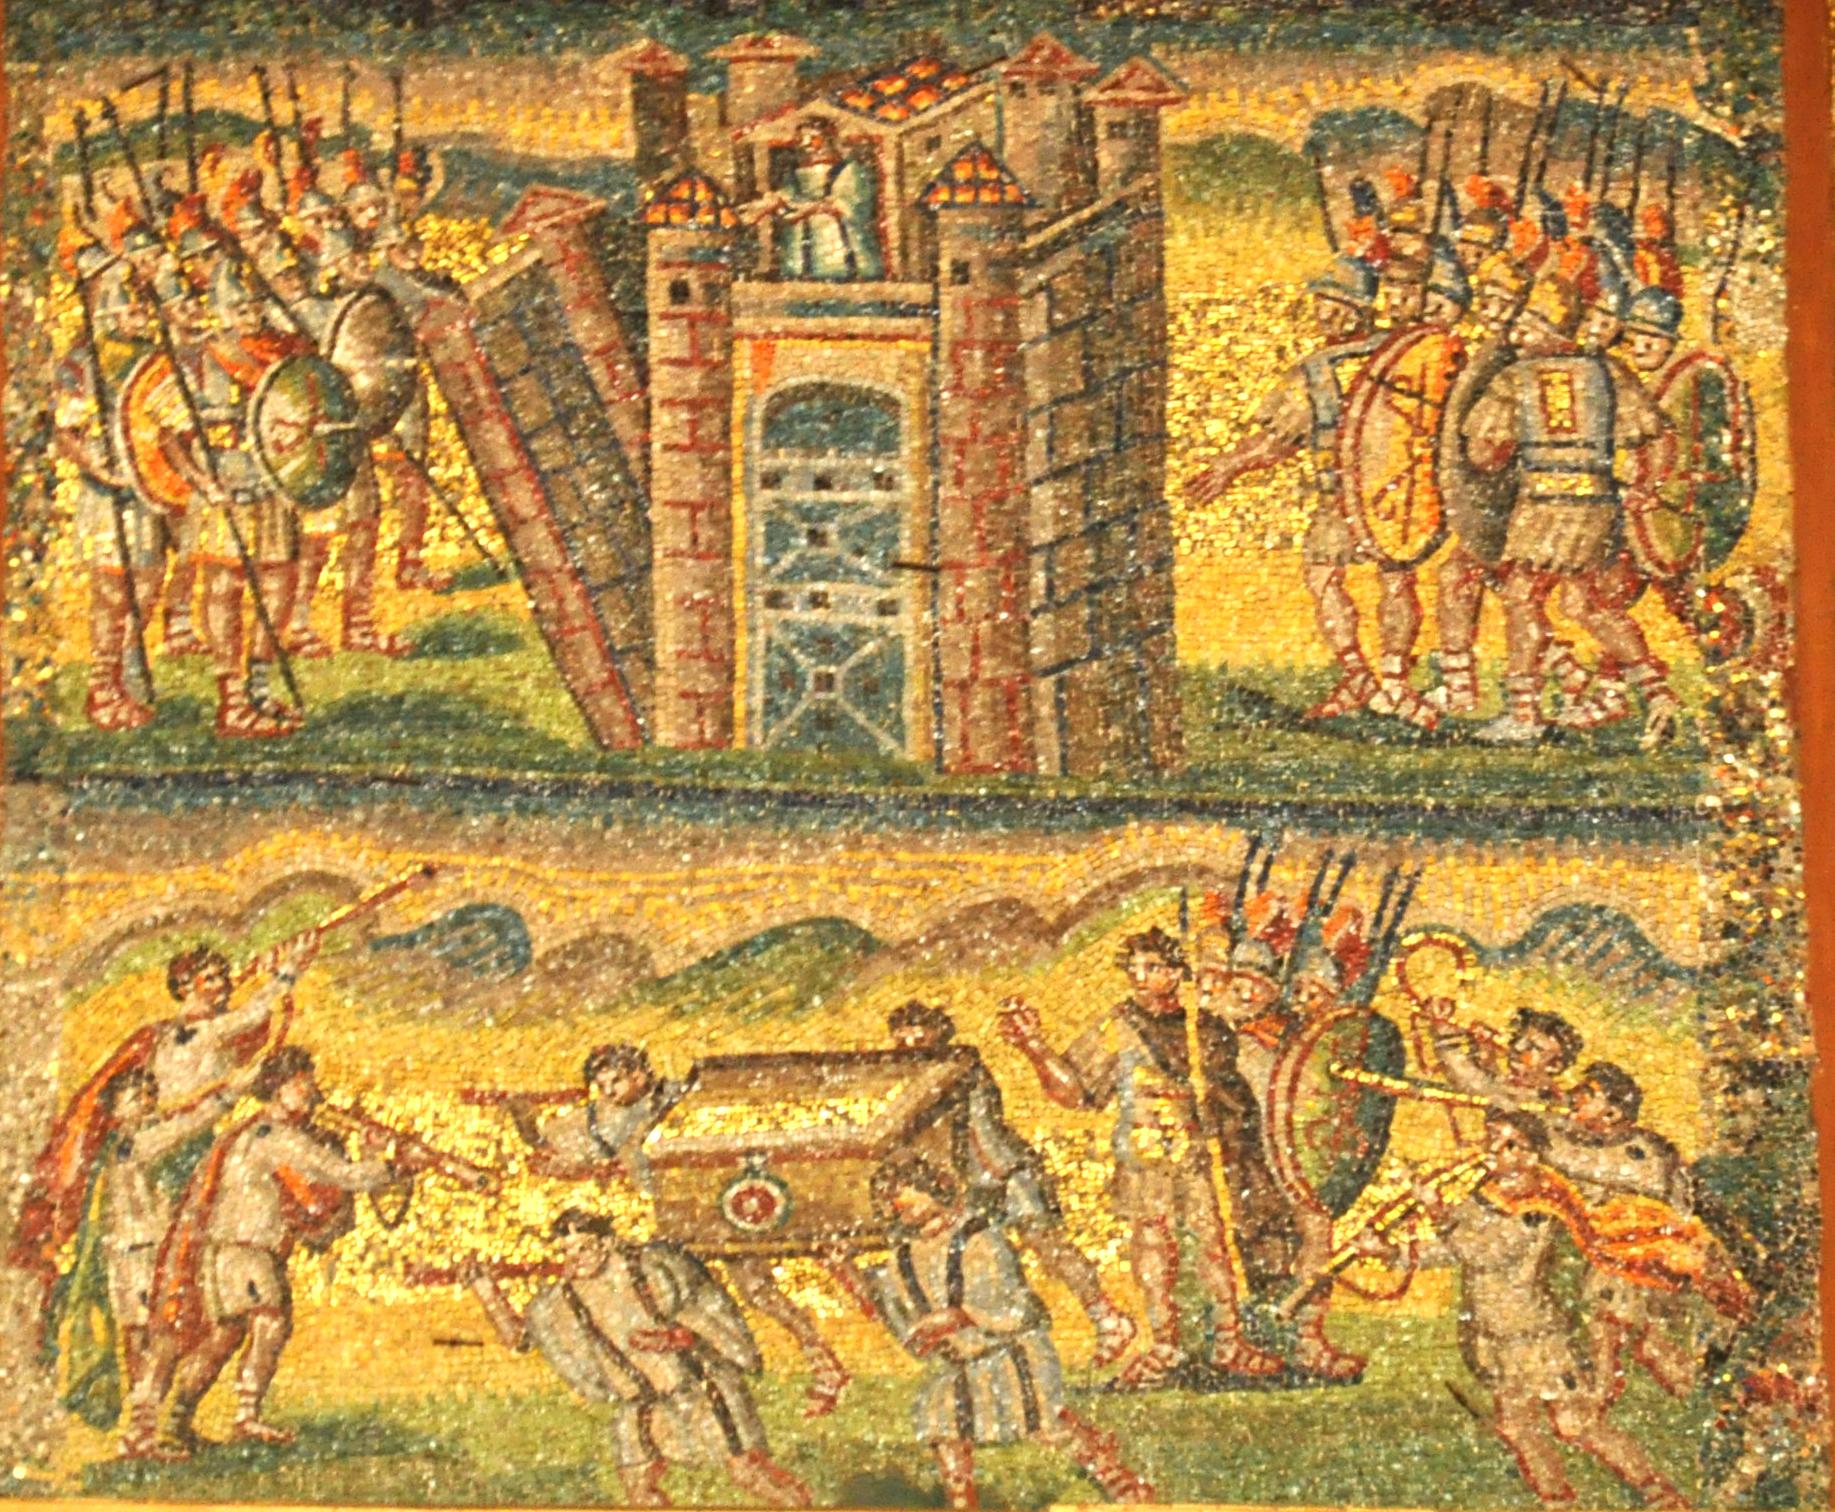 File:Walls Jericho.jpg - Wikimedia Commons